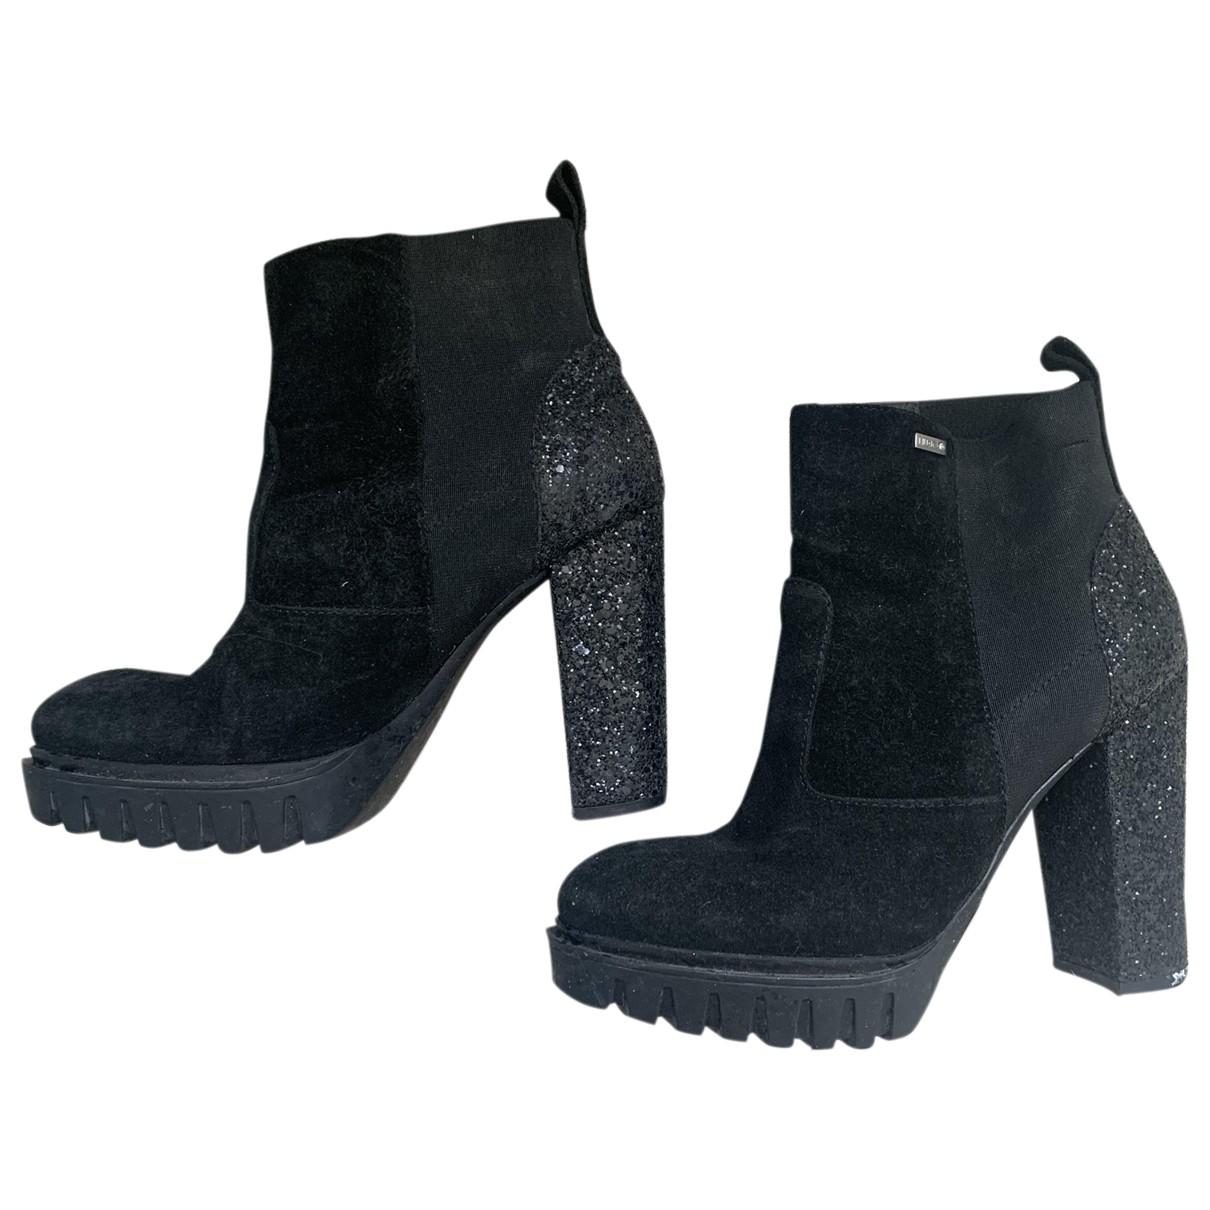 Liu.jo - Boots   pour femme en a paillettes - noir